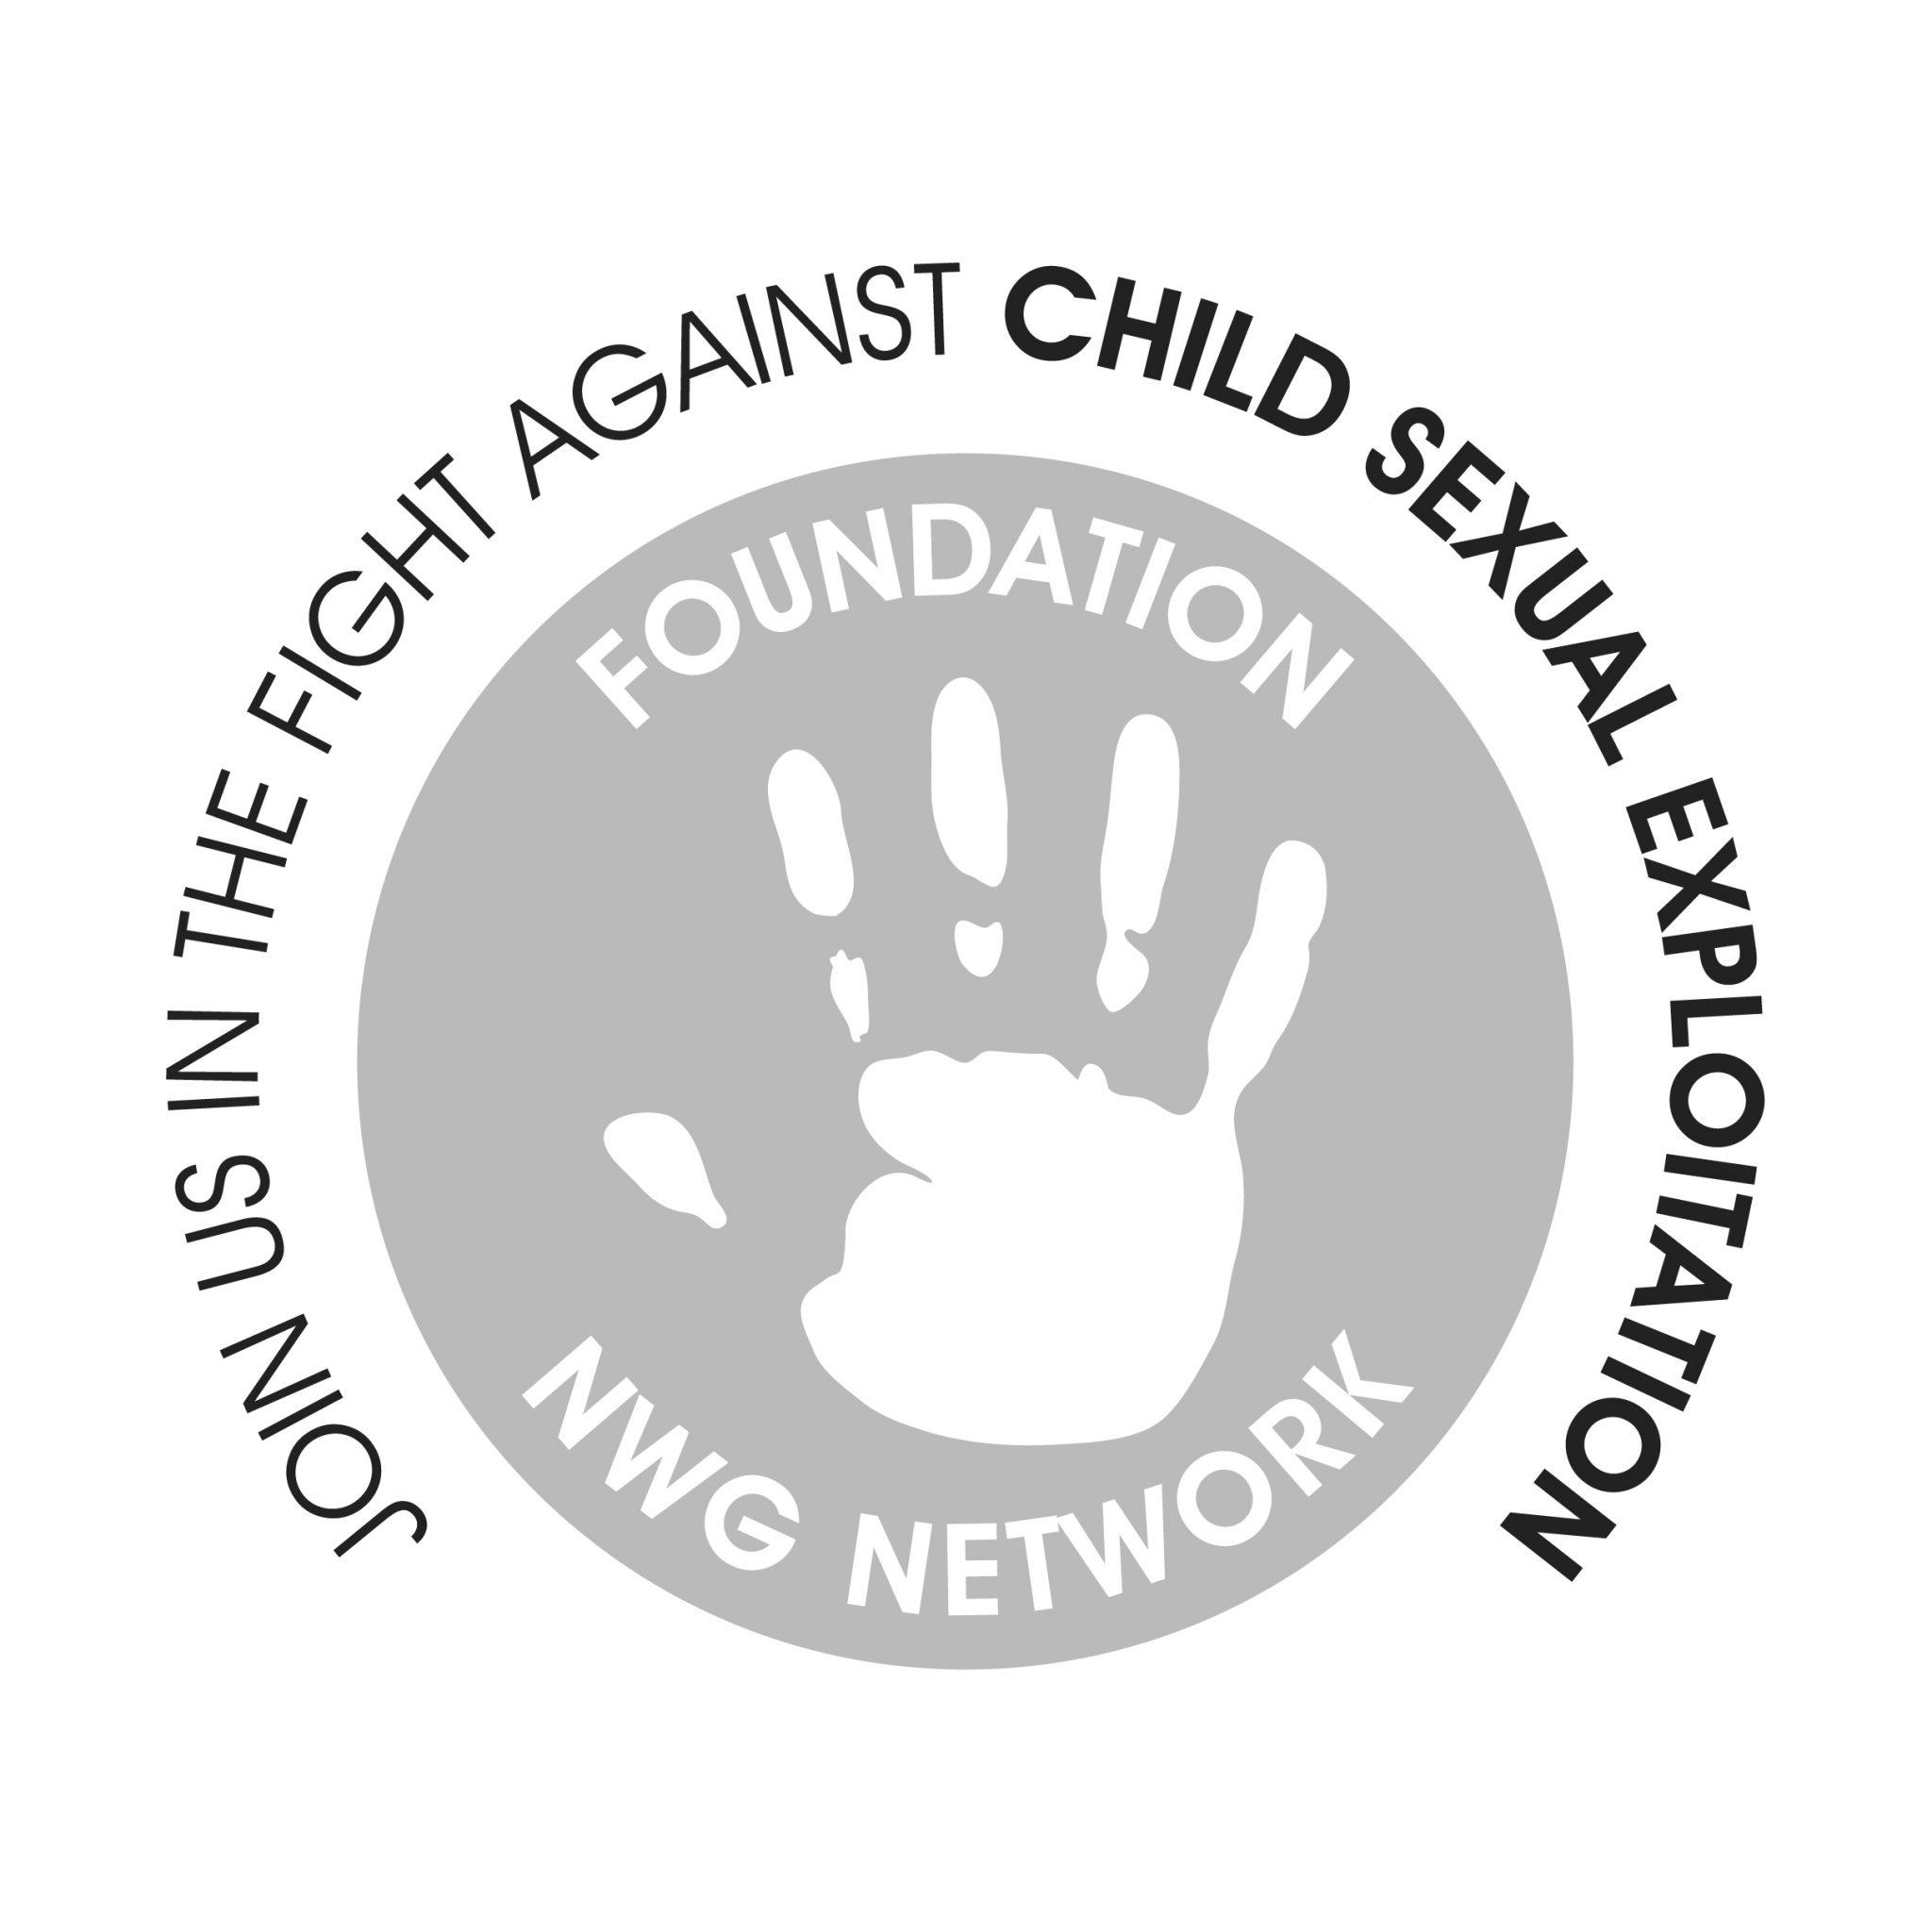 NWG Foundation